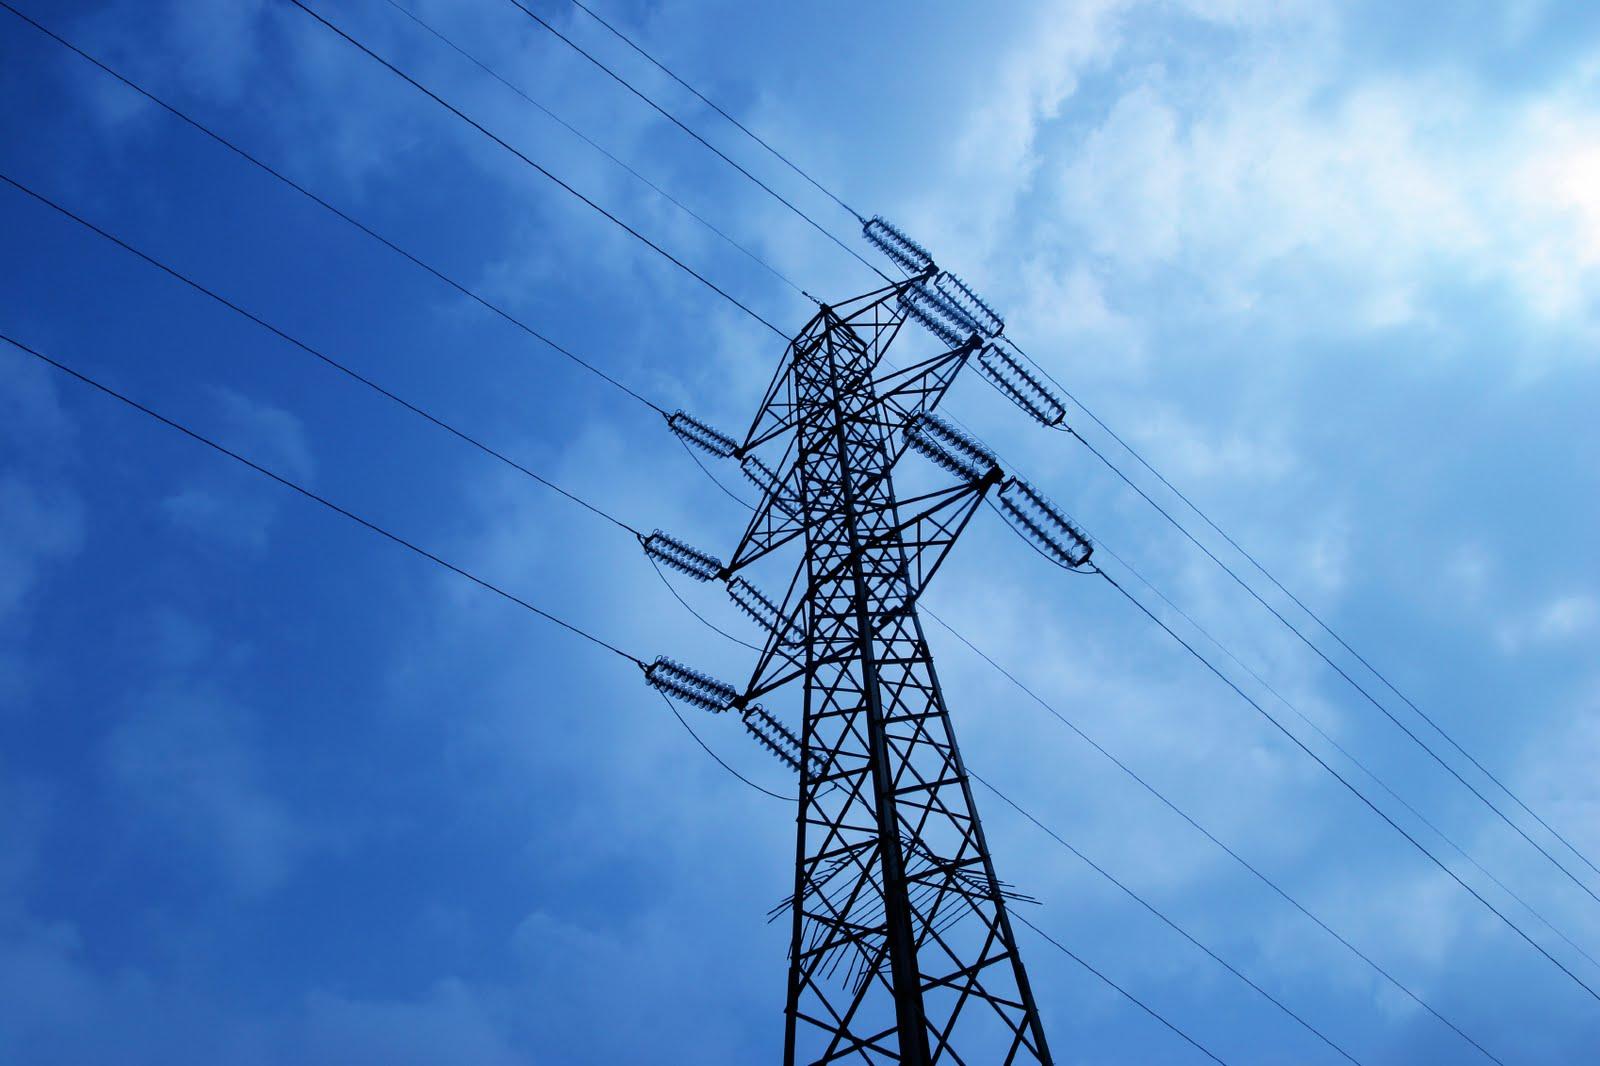 Поставляемая в Керчь электроэнергия покрывает потребности города